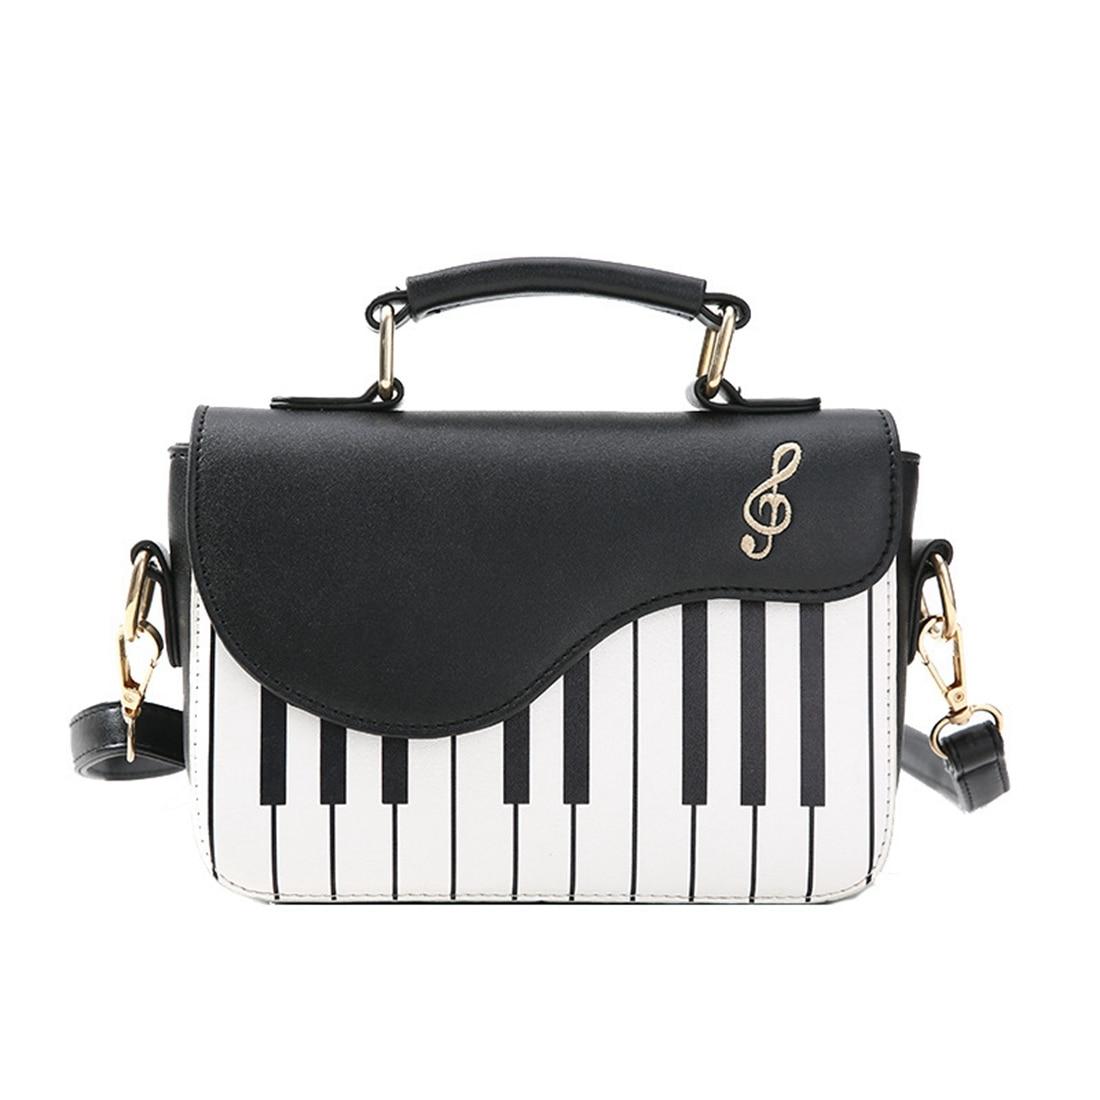 BEAU-neue mode hit farbe klavier druck handtasche süße wind frische schulter diagonal tragbare kleine paket